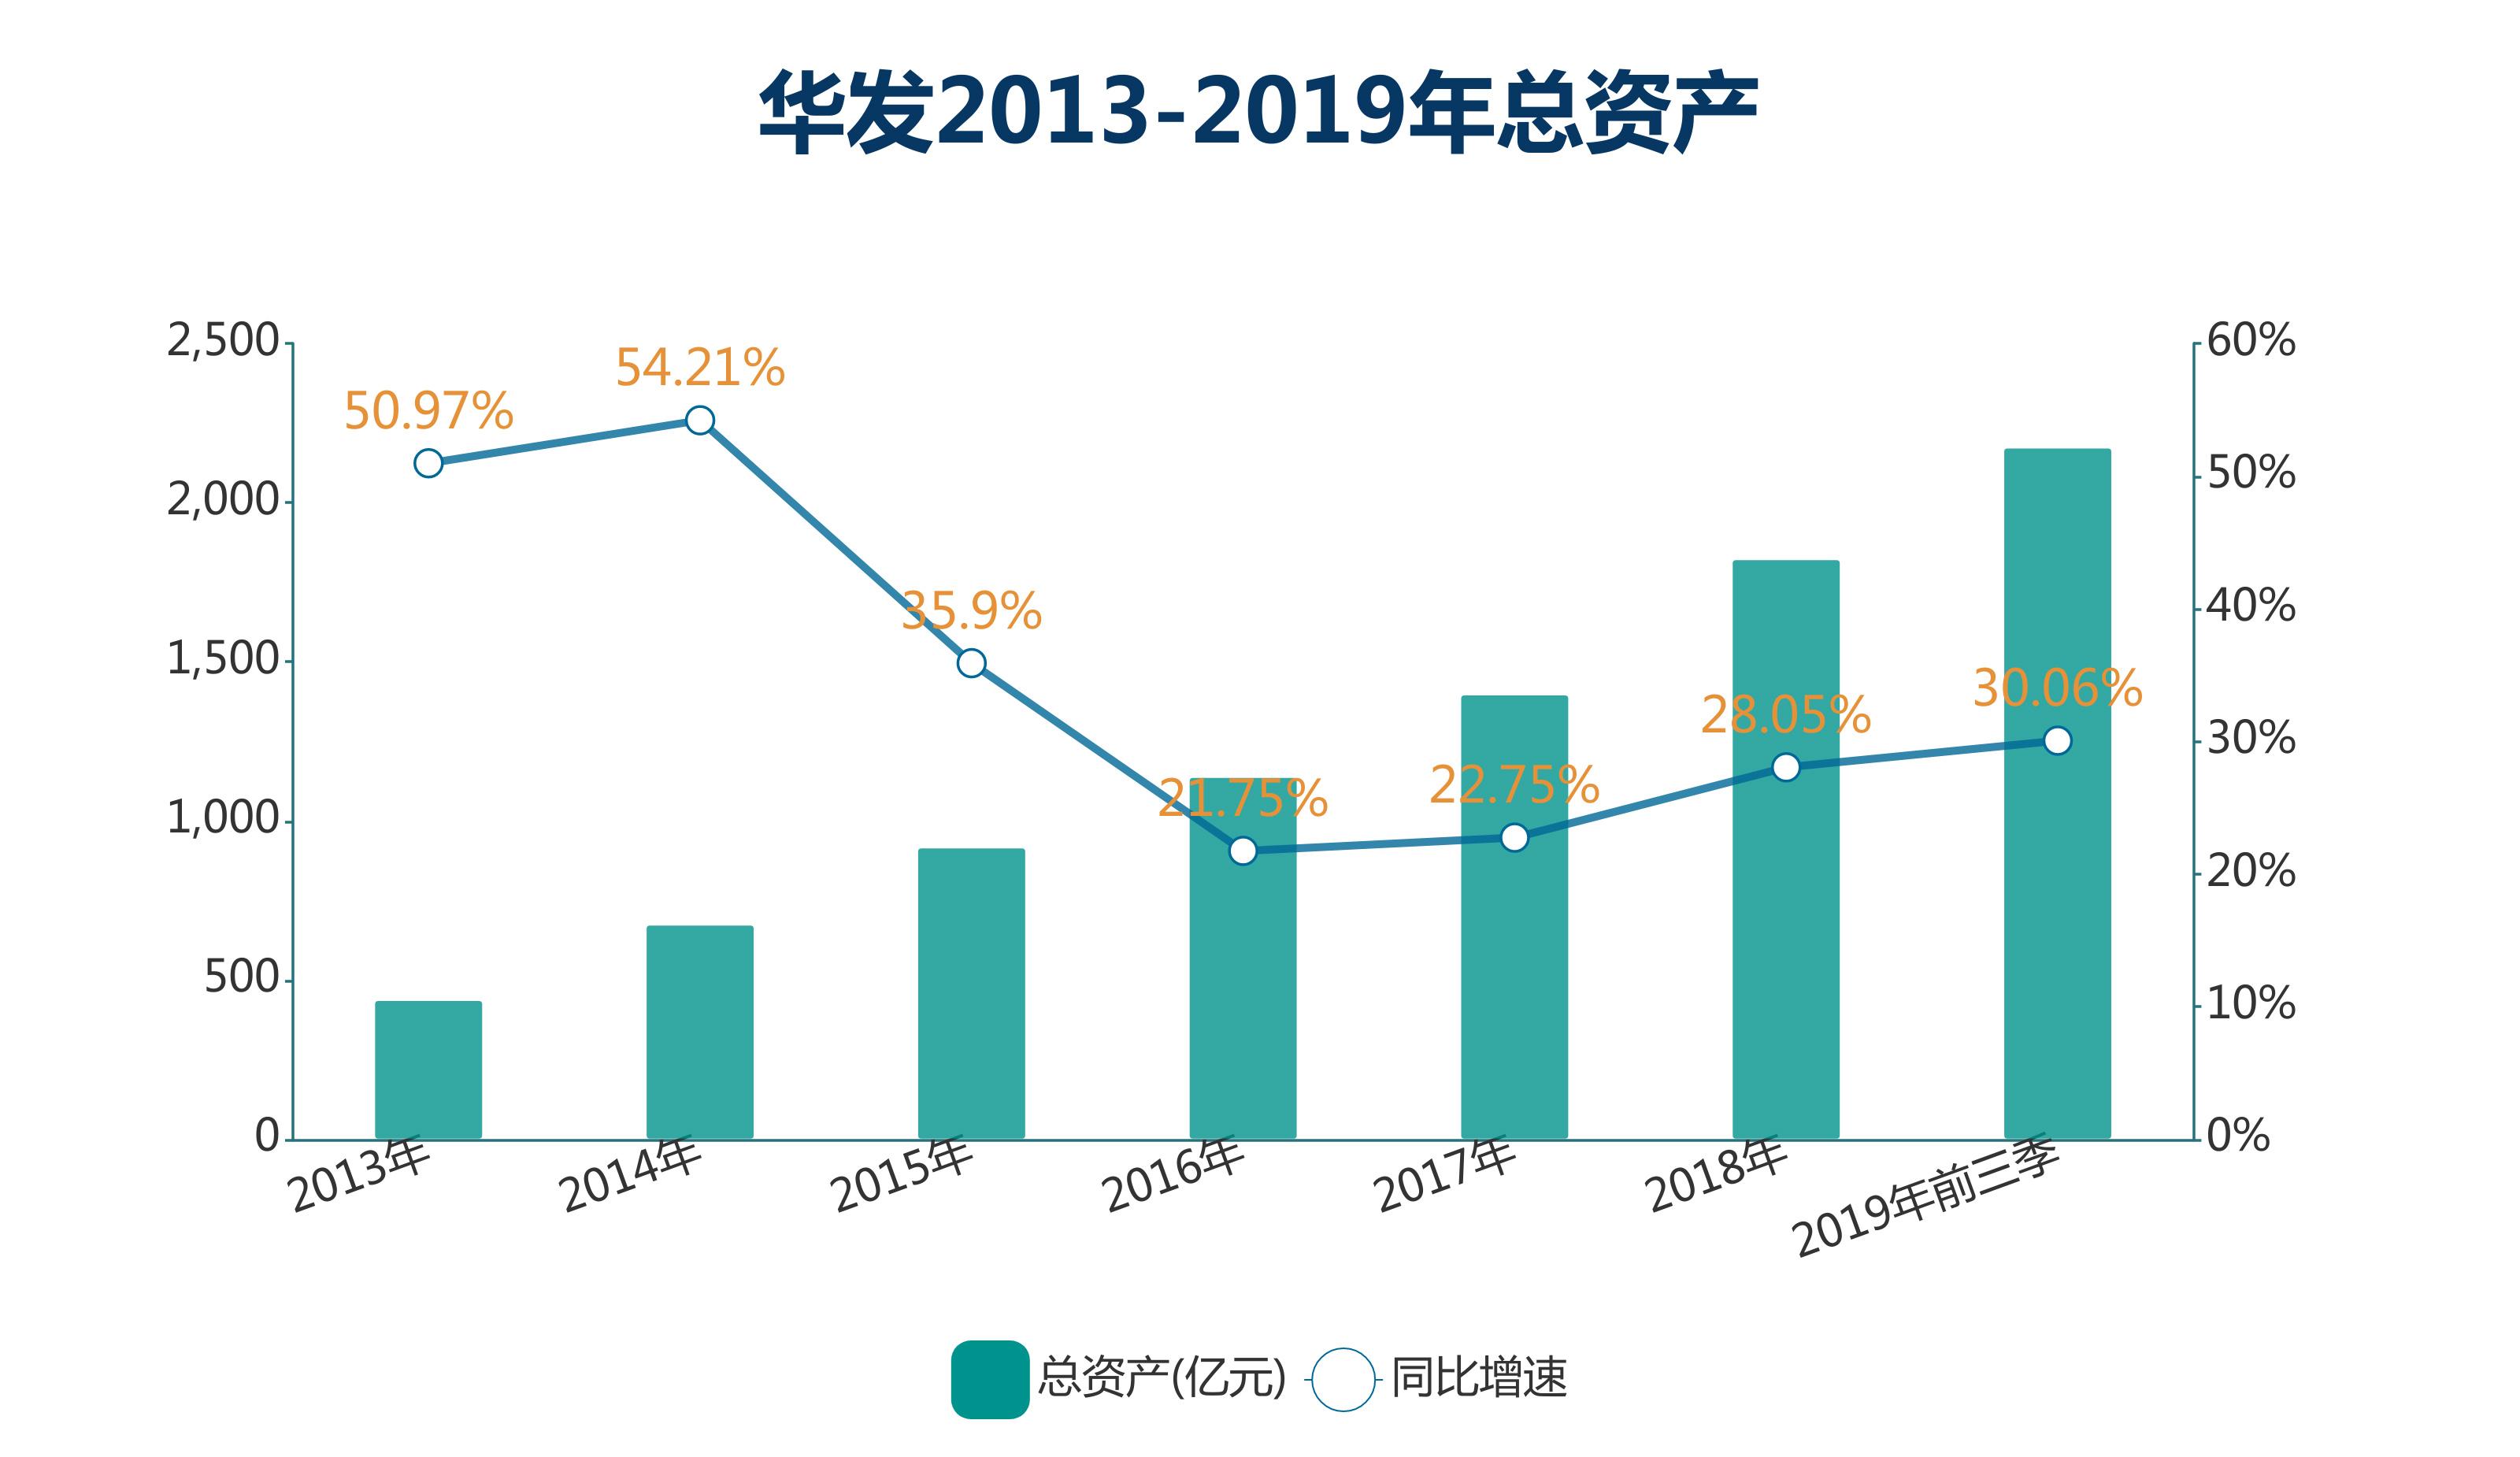 数据来源:企业公布、观点指数整理